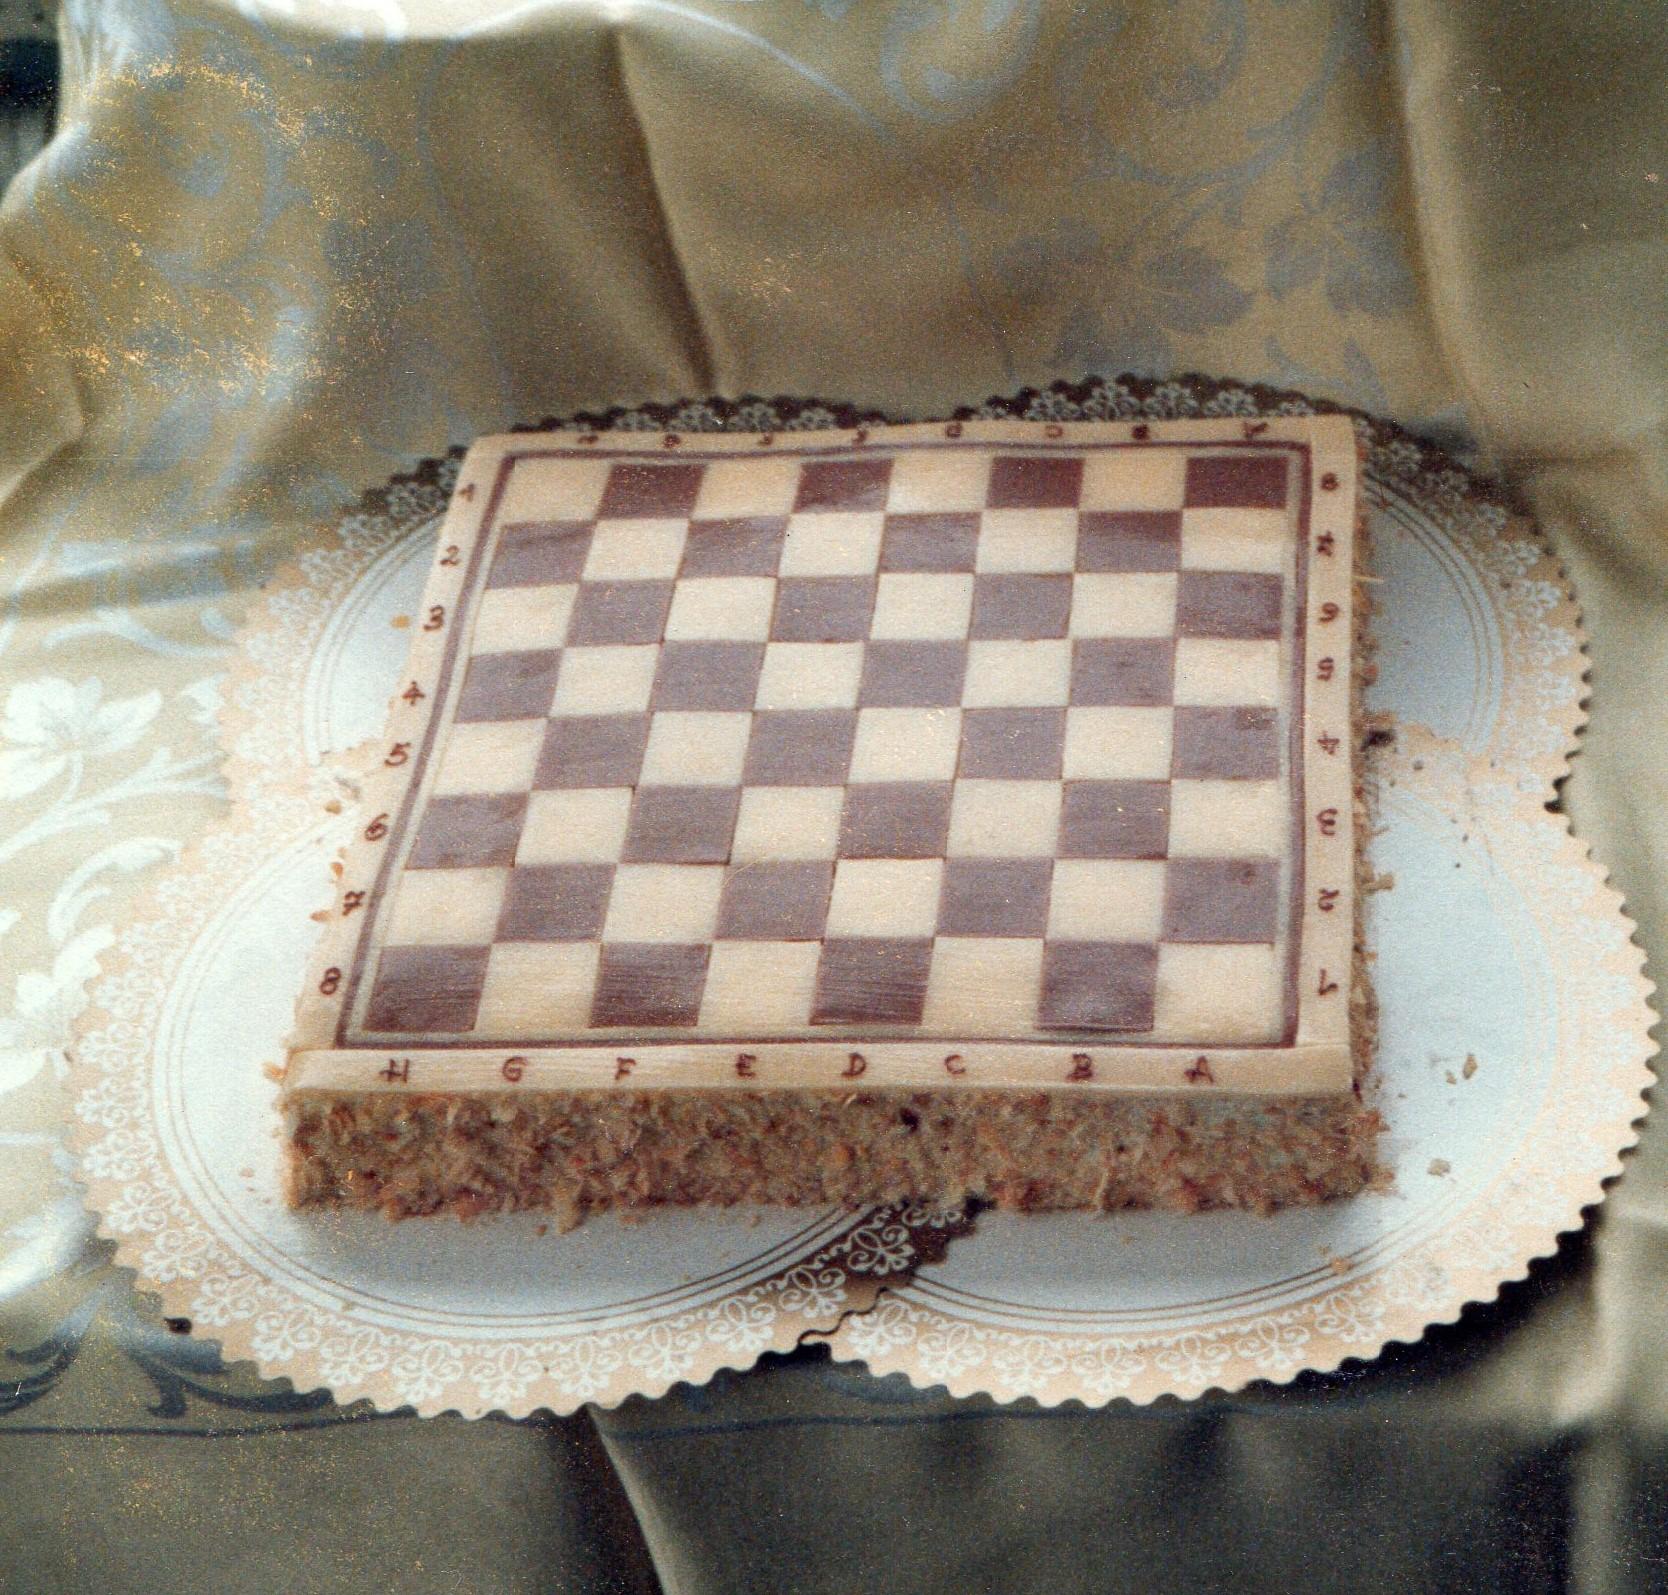 Schachspiel ohne Figuren.jpg